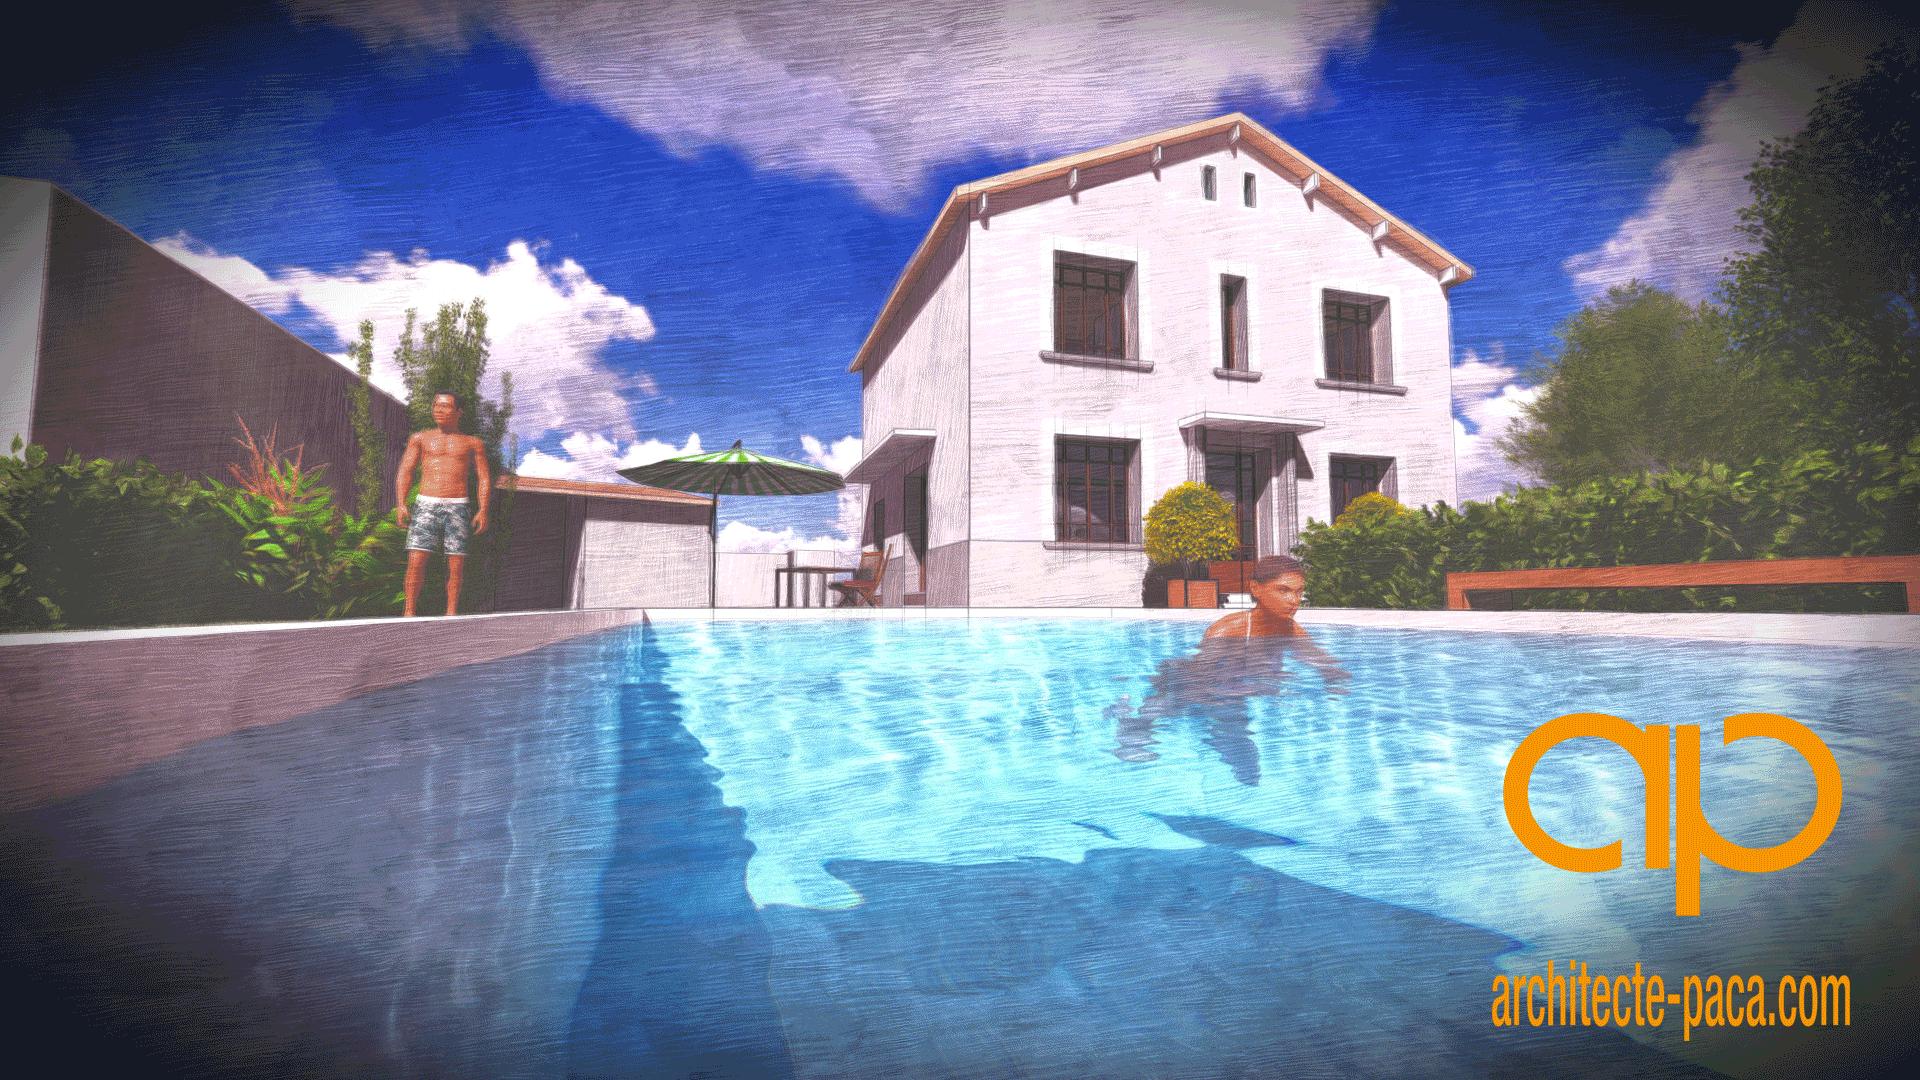 Construire une piscine avec un architecte